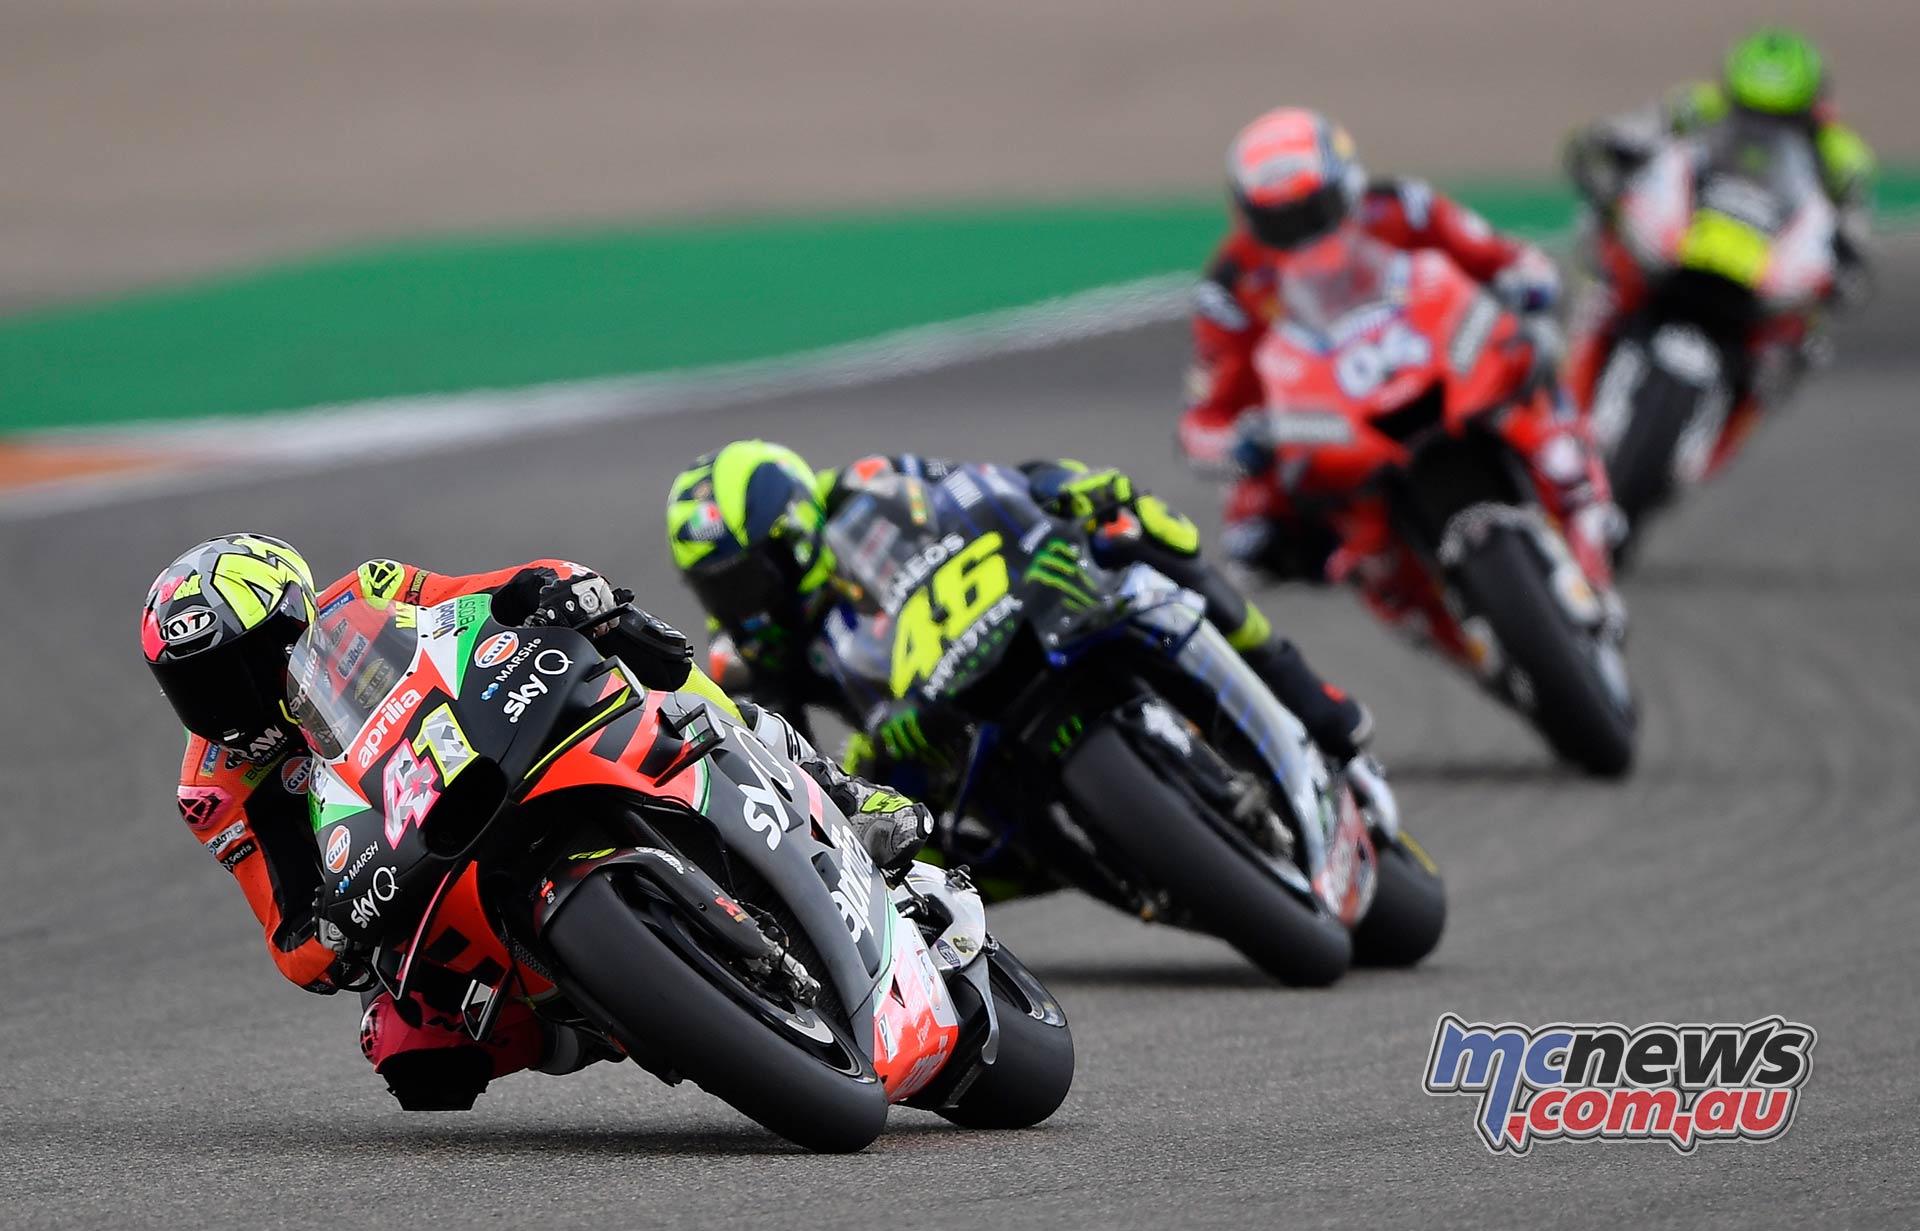 MotoGP Rnd Aragon Aleix Espargaro Rossi Dovizioso